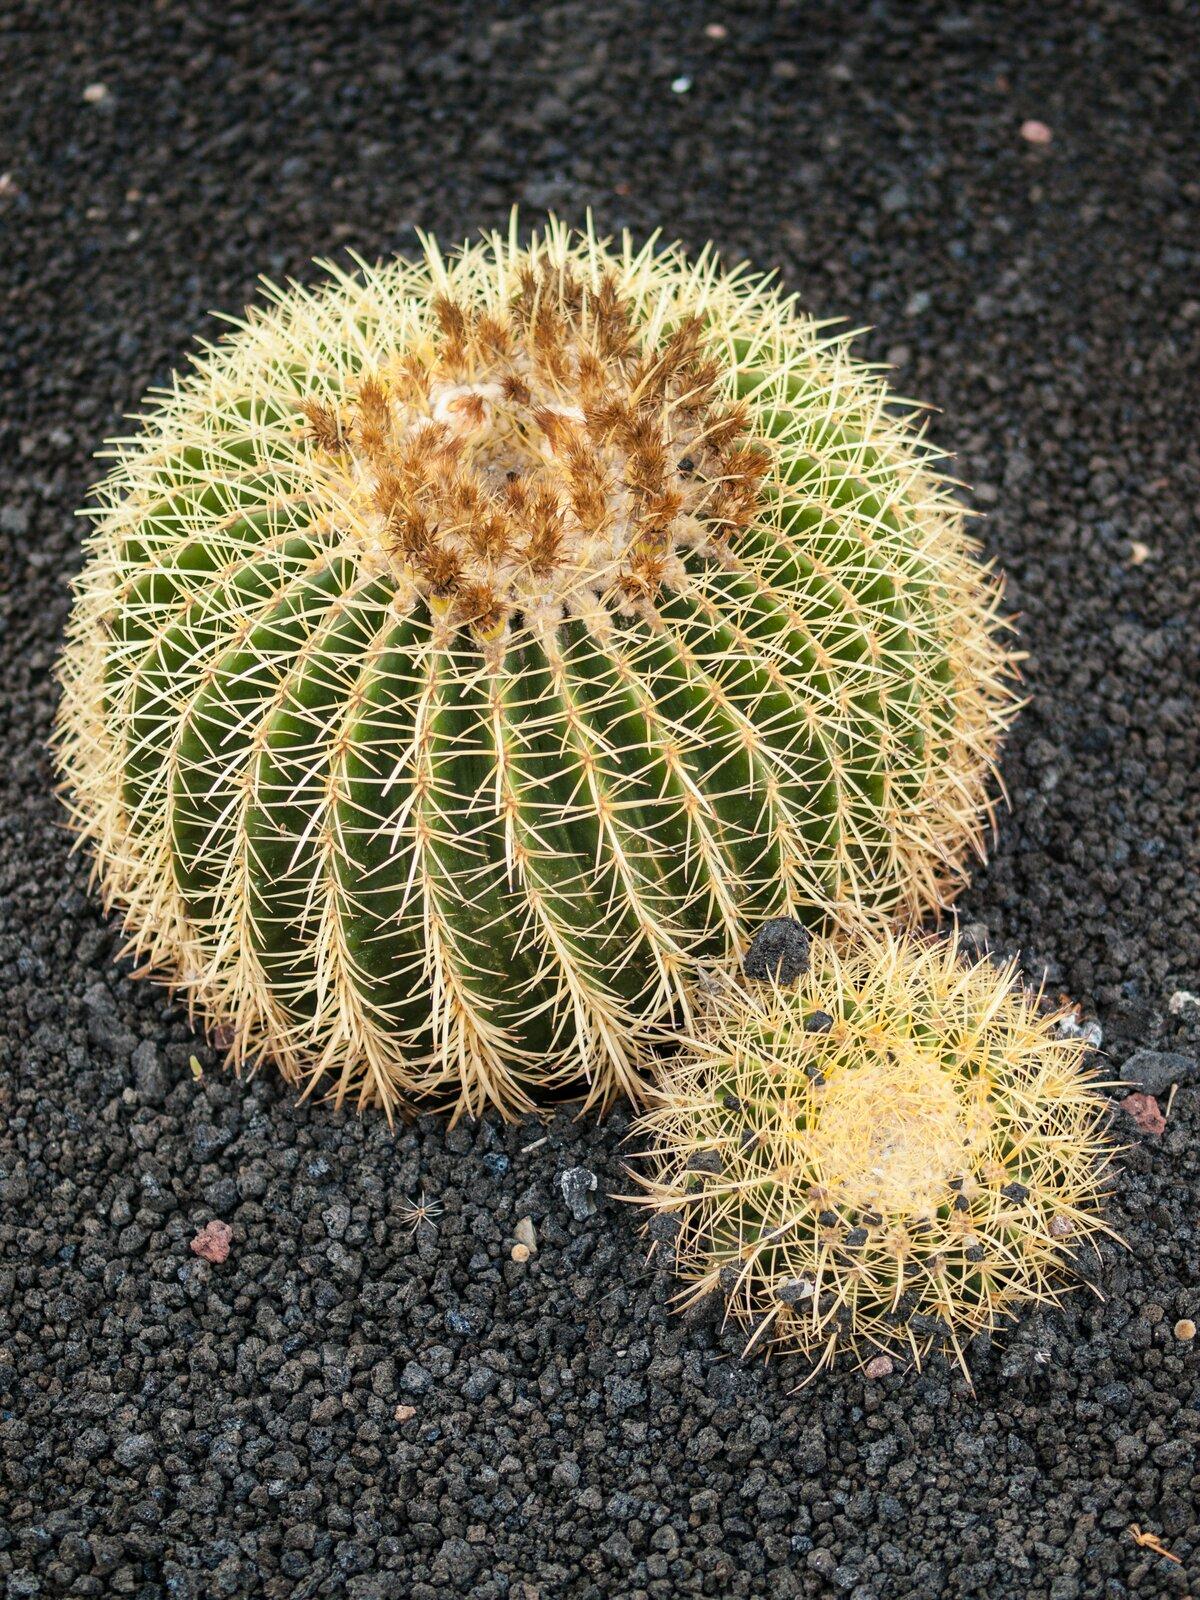 Fotografia zlewej przedstawia kuliste kaktusy na szarym podłożu. Jest duży imały, oba mają wiele kolców iżebrowaną, grubą łodygę. Służy ona gromadzeniu wody.